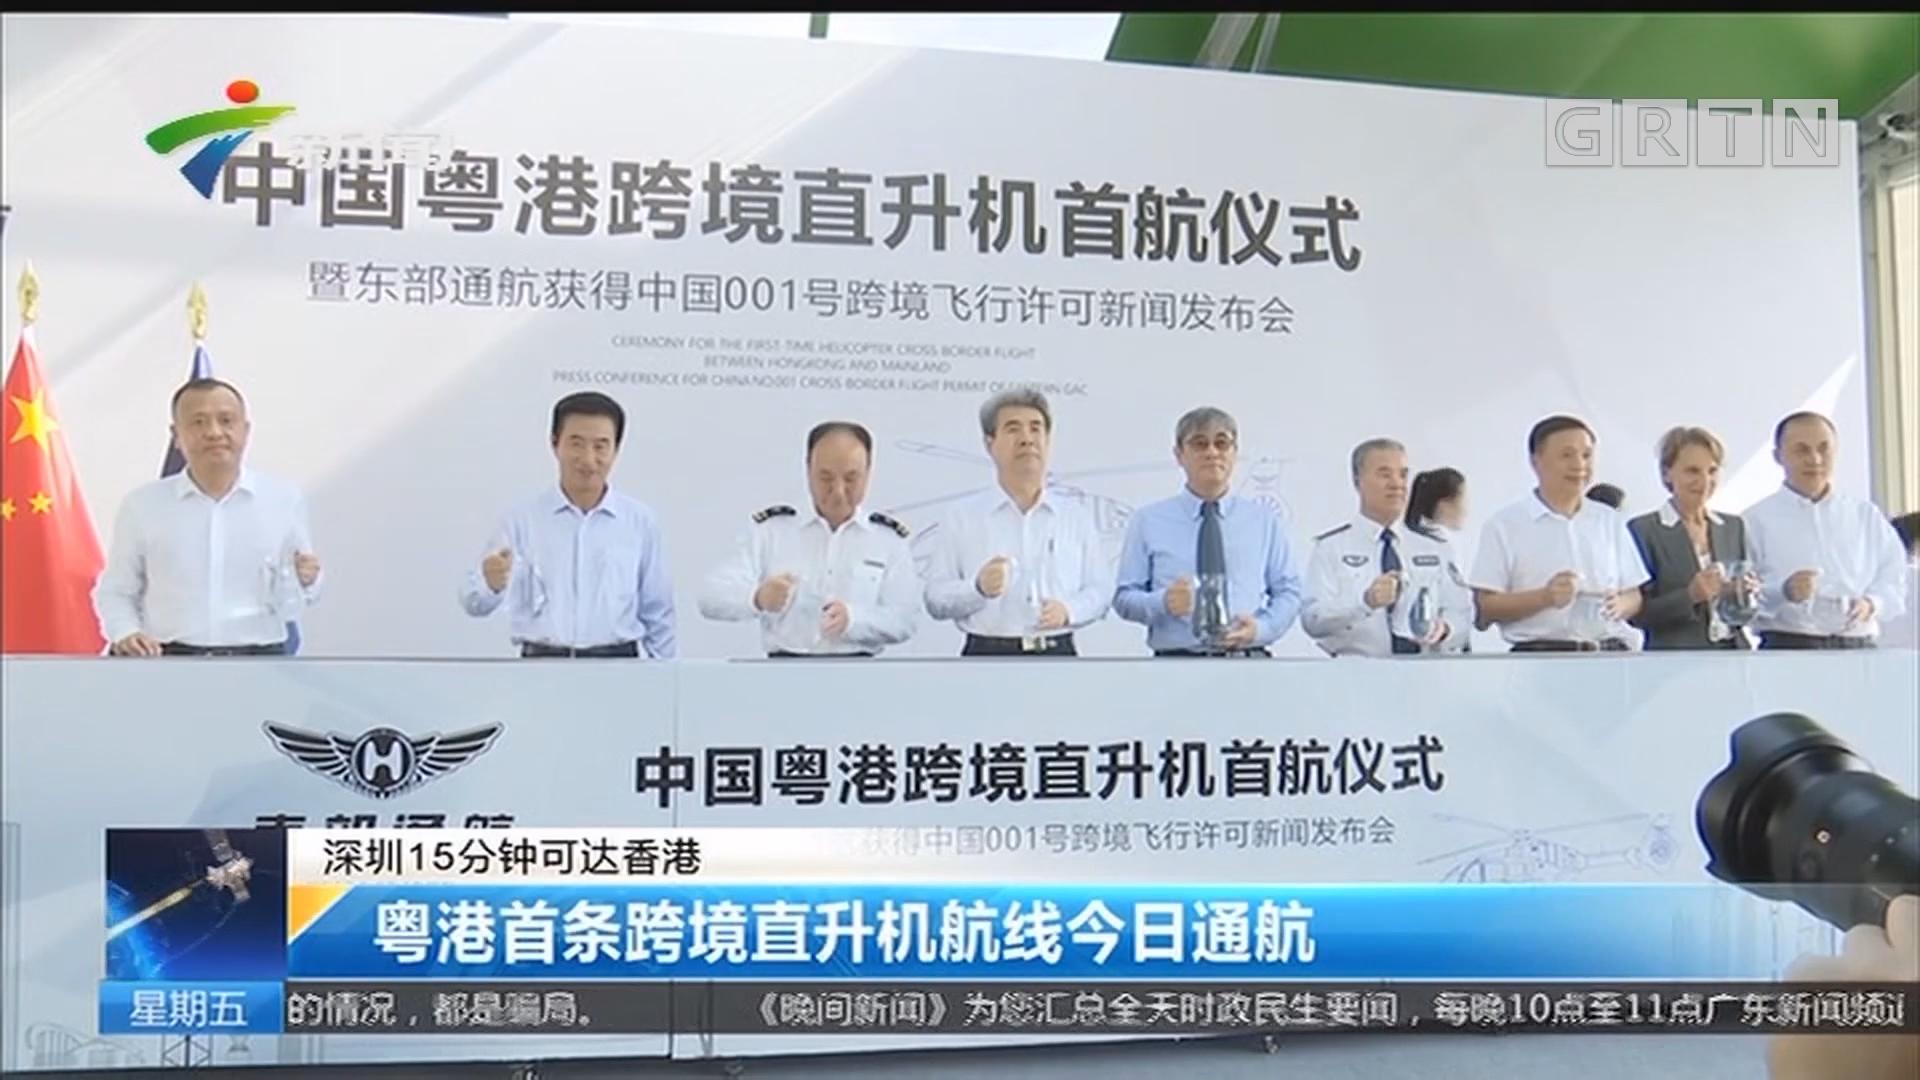 深圳15分钟可达香港 粤港首条跨境直升机航线今日通航